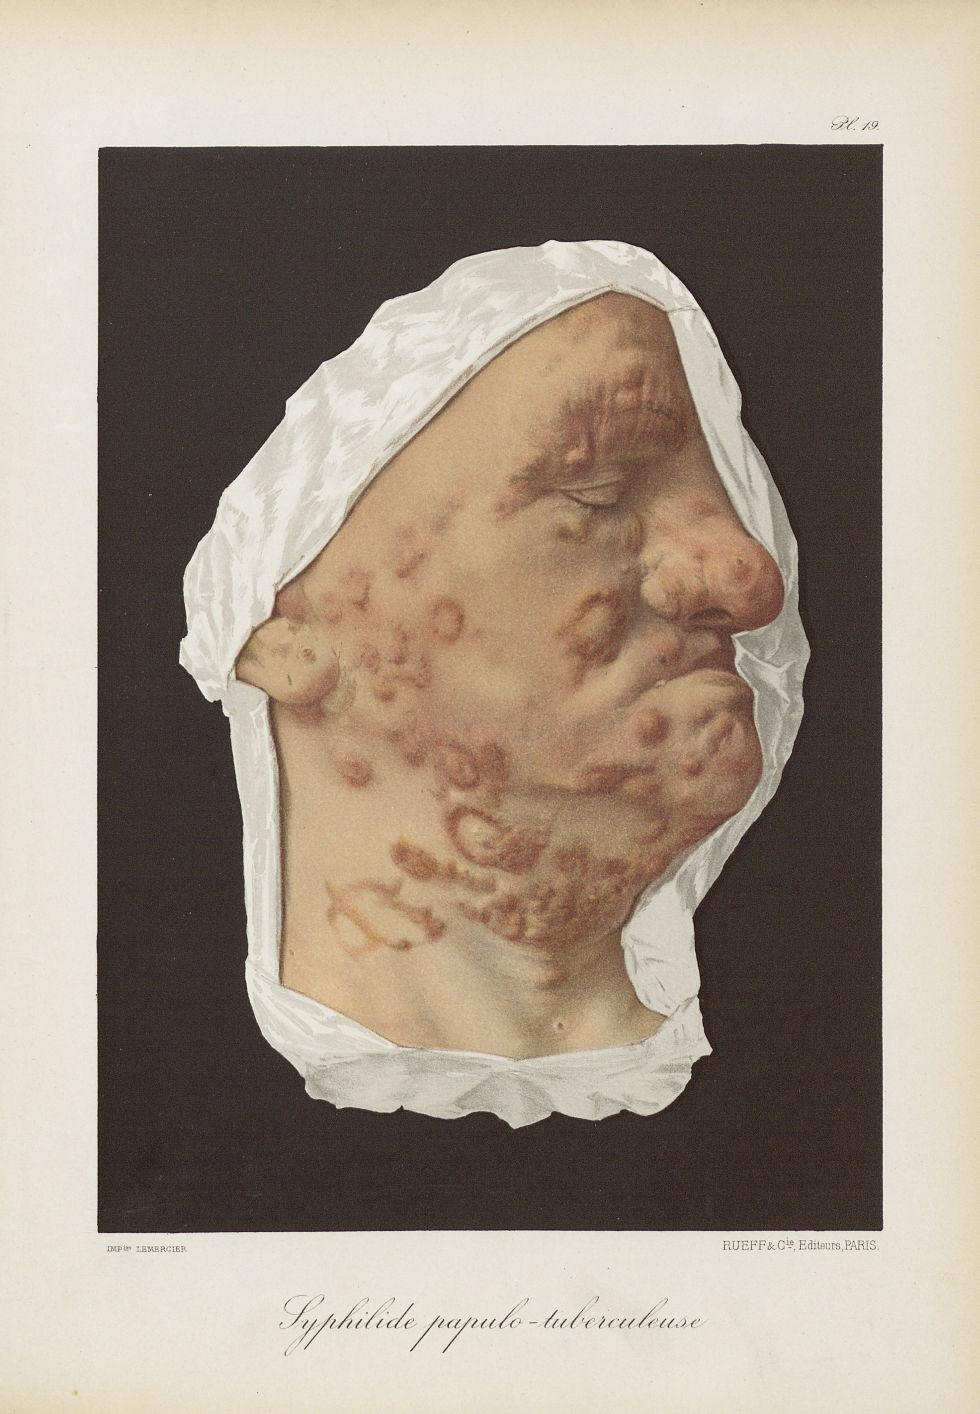 Syphilide papulo-tuberculeuse - Le musée de l'hôpital Saint-Louis : iconographie des maladies cutané [...] - Dermatologie (peau). Syphilis (maladies infectieuses). Maladies sexuellement transmissibles. Visages (têtes). 19e siècle (France) - med01740x0169